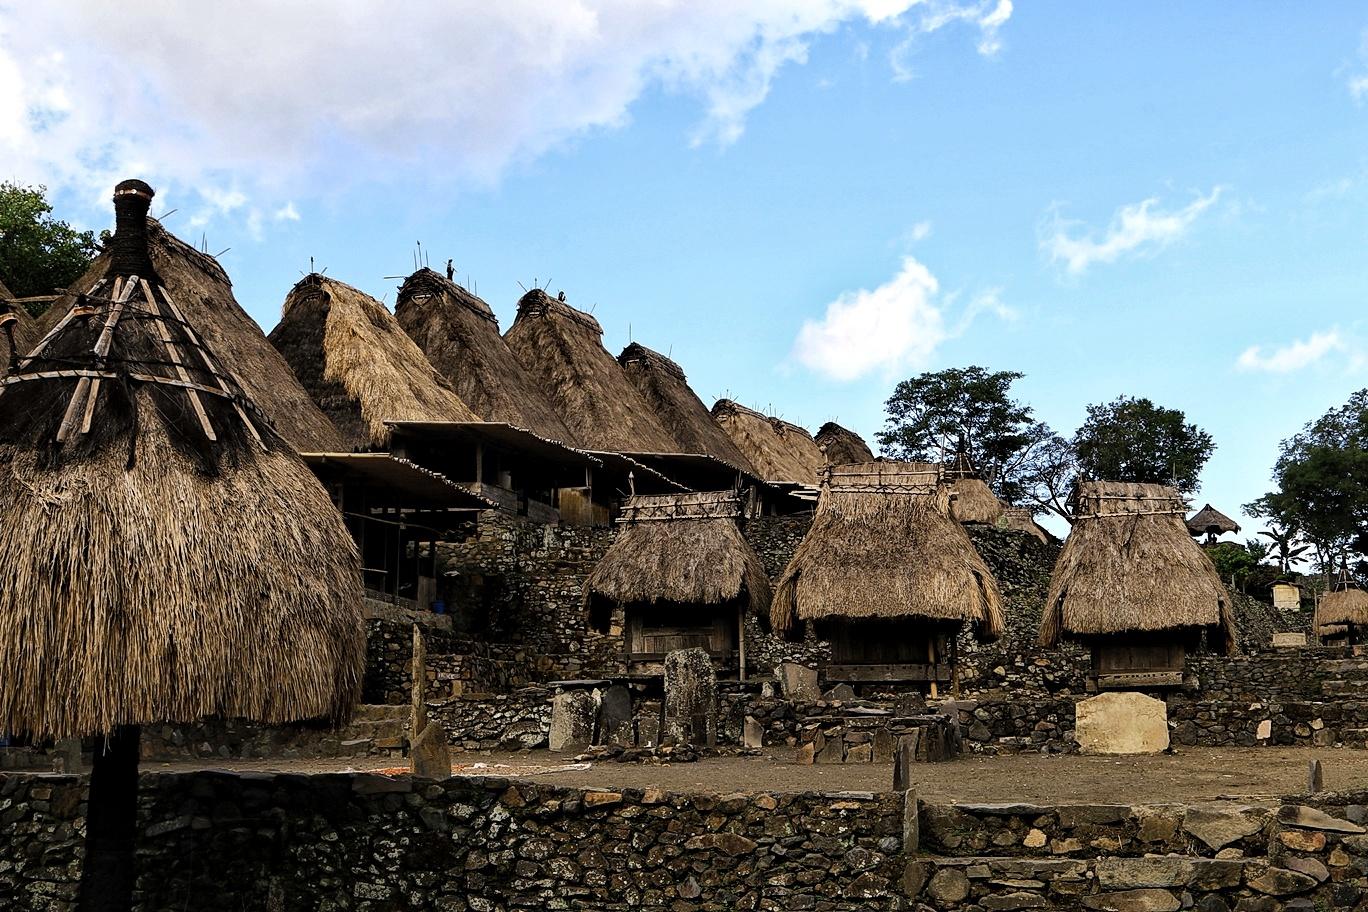 Rumah Adat Yang Konstruksinya Dari Batu, Kayu dan Jerami